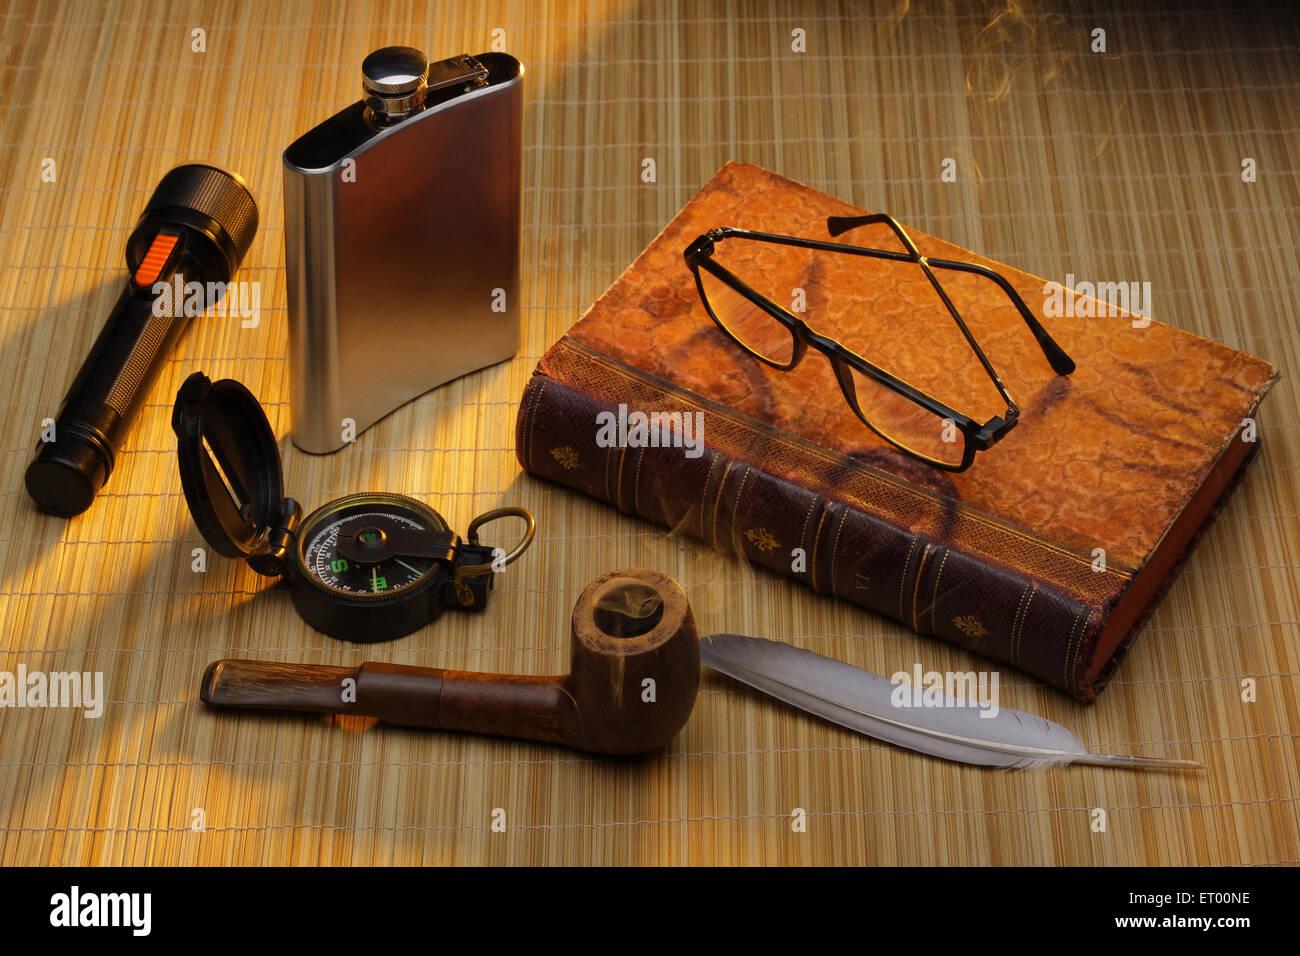 Esplorazione scoprendo la storia vecchio libro con Compass Torcia vaso metallico e tubo di fumo ; India Immagini Stock